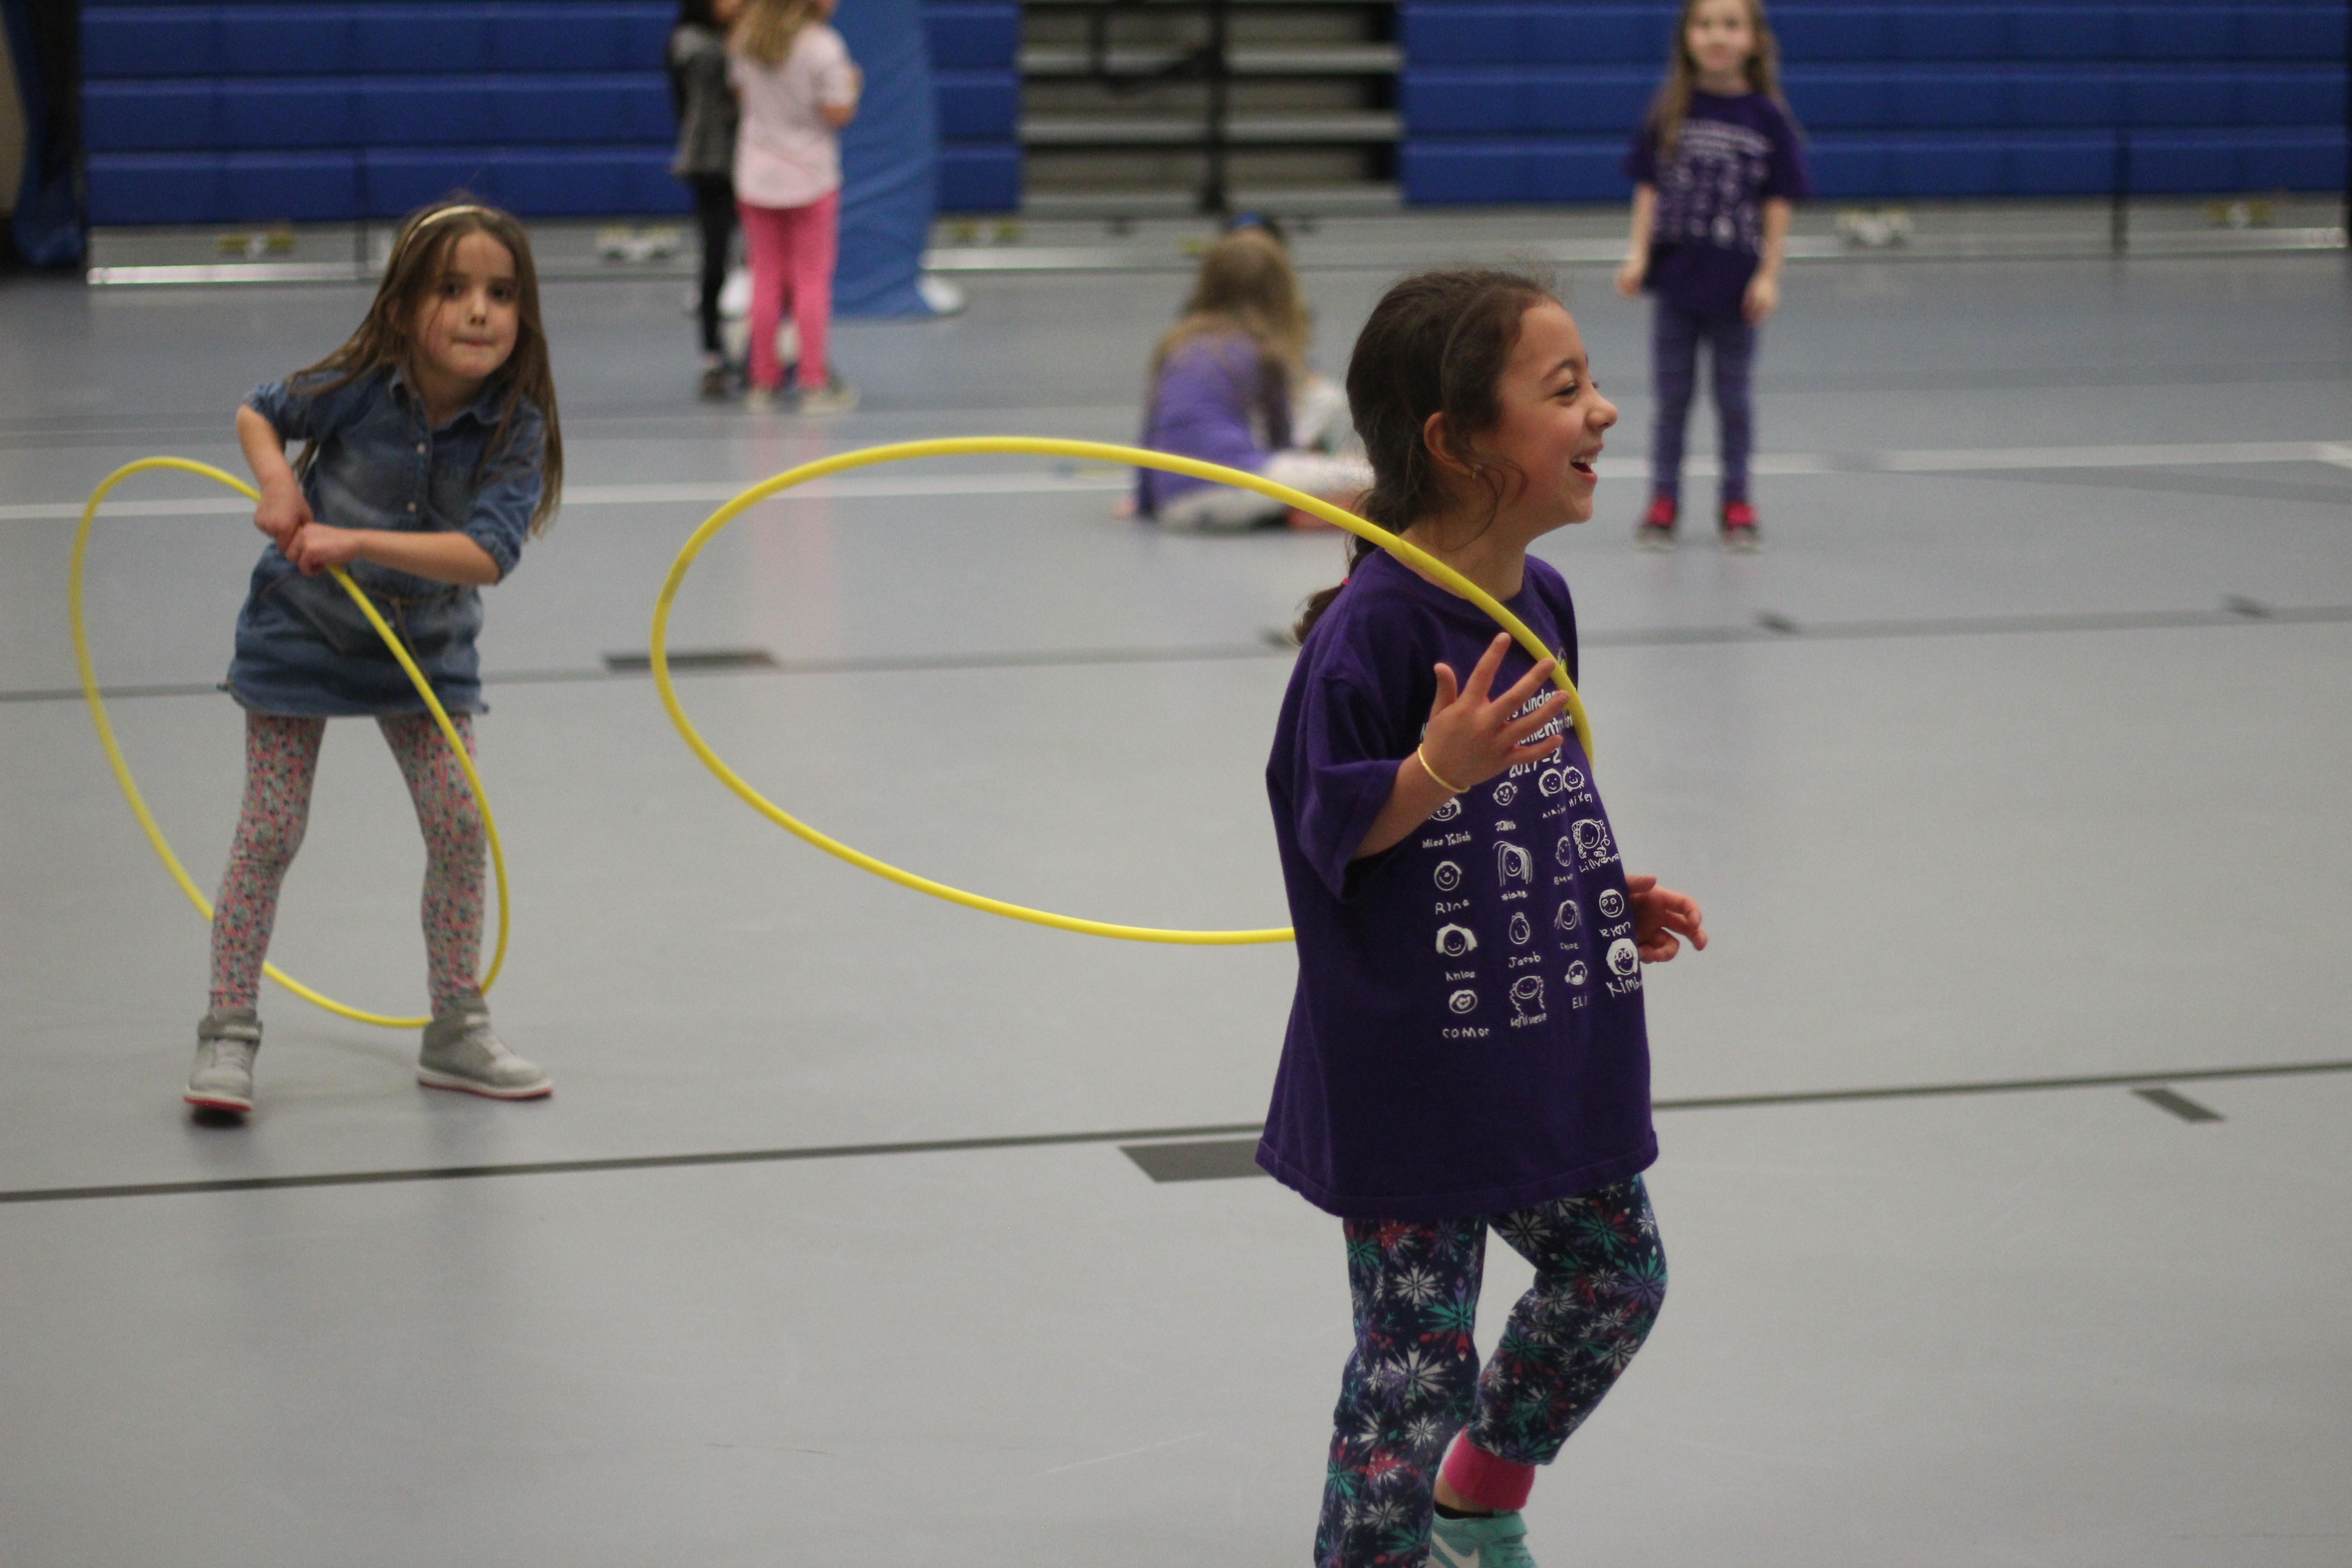 Students hola-hoop